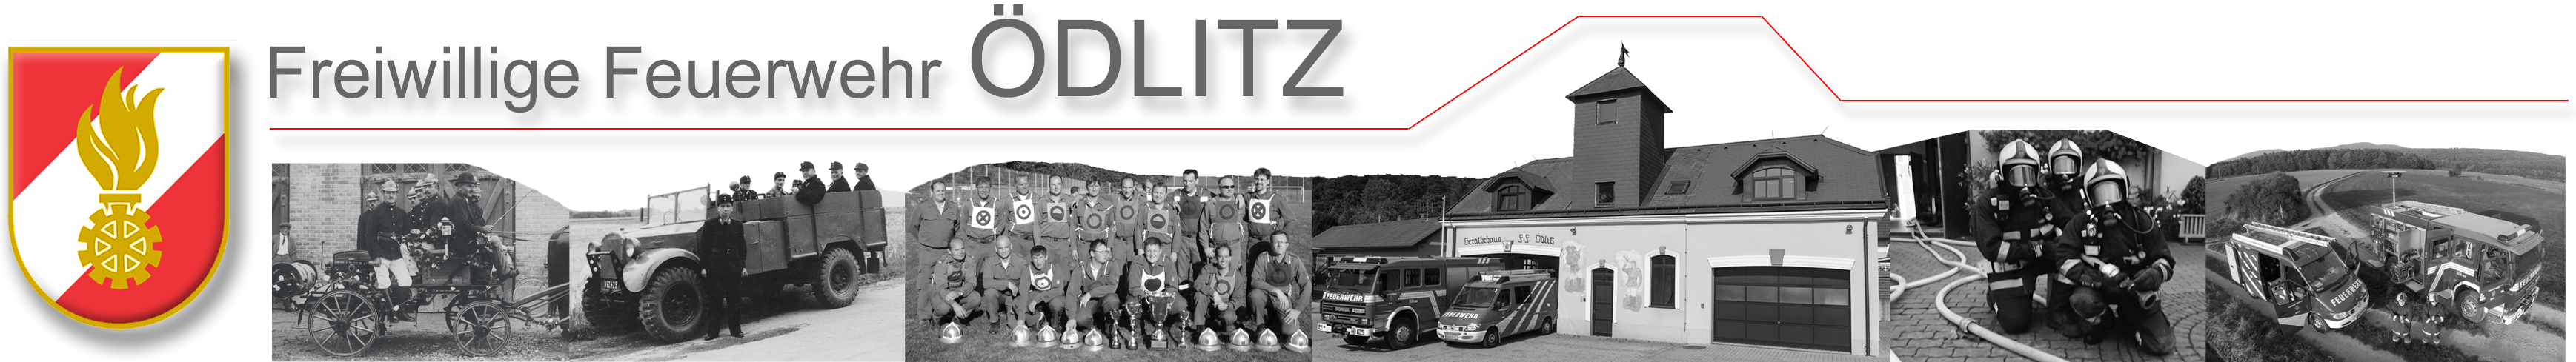 Freiwillige Feuerwehr Ödlitz